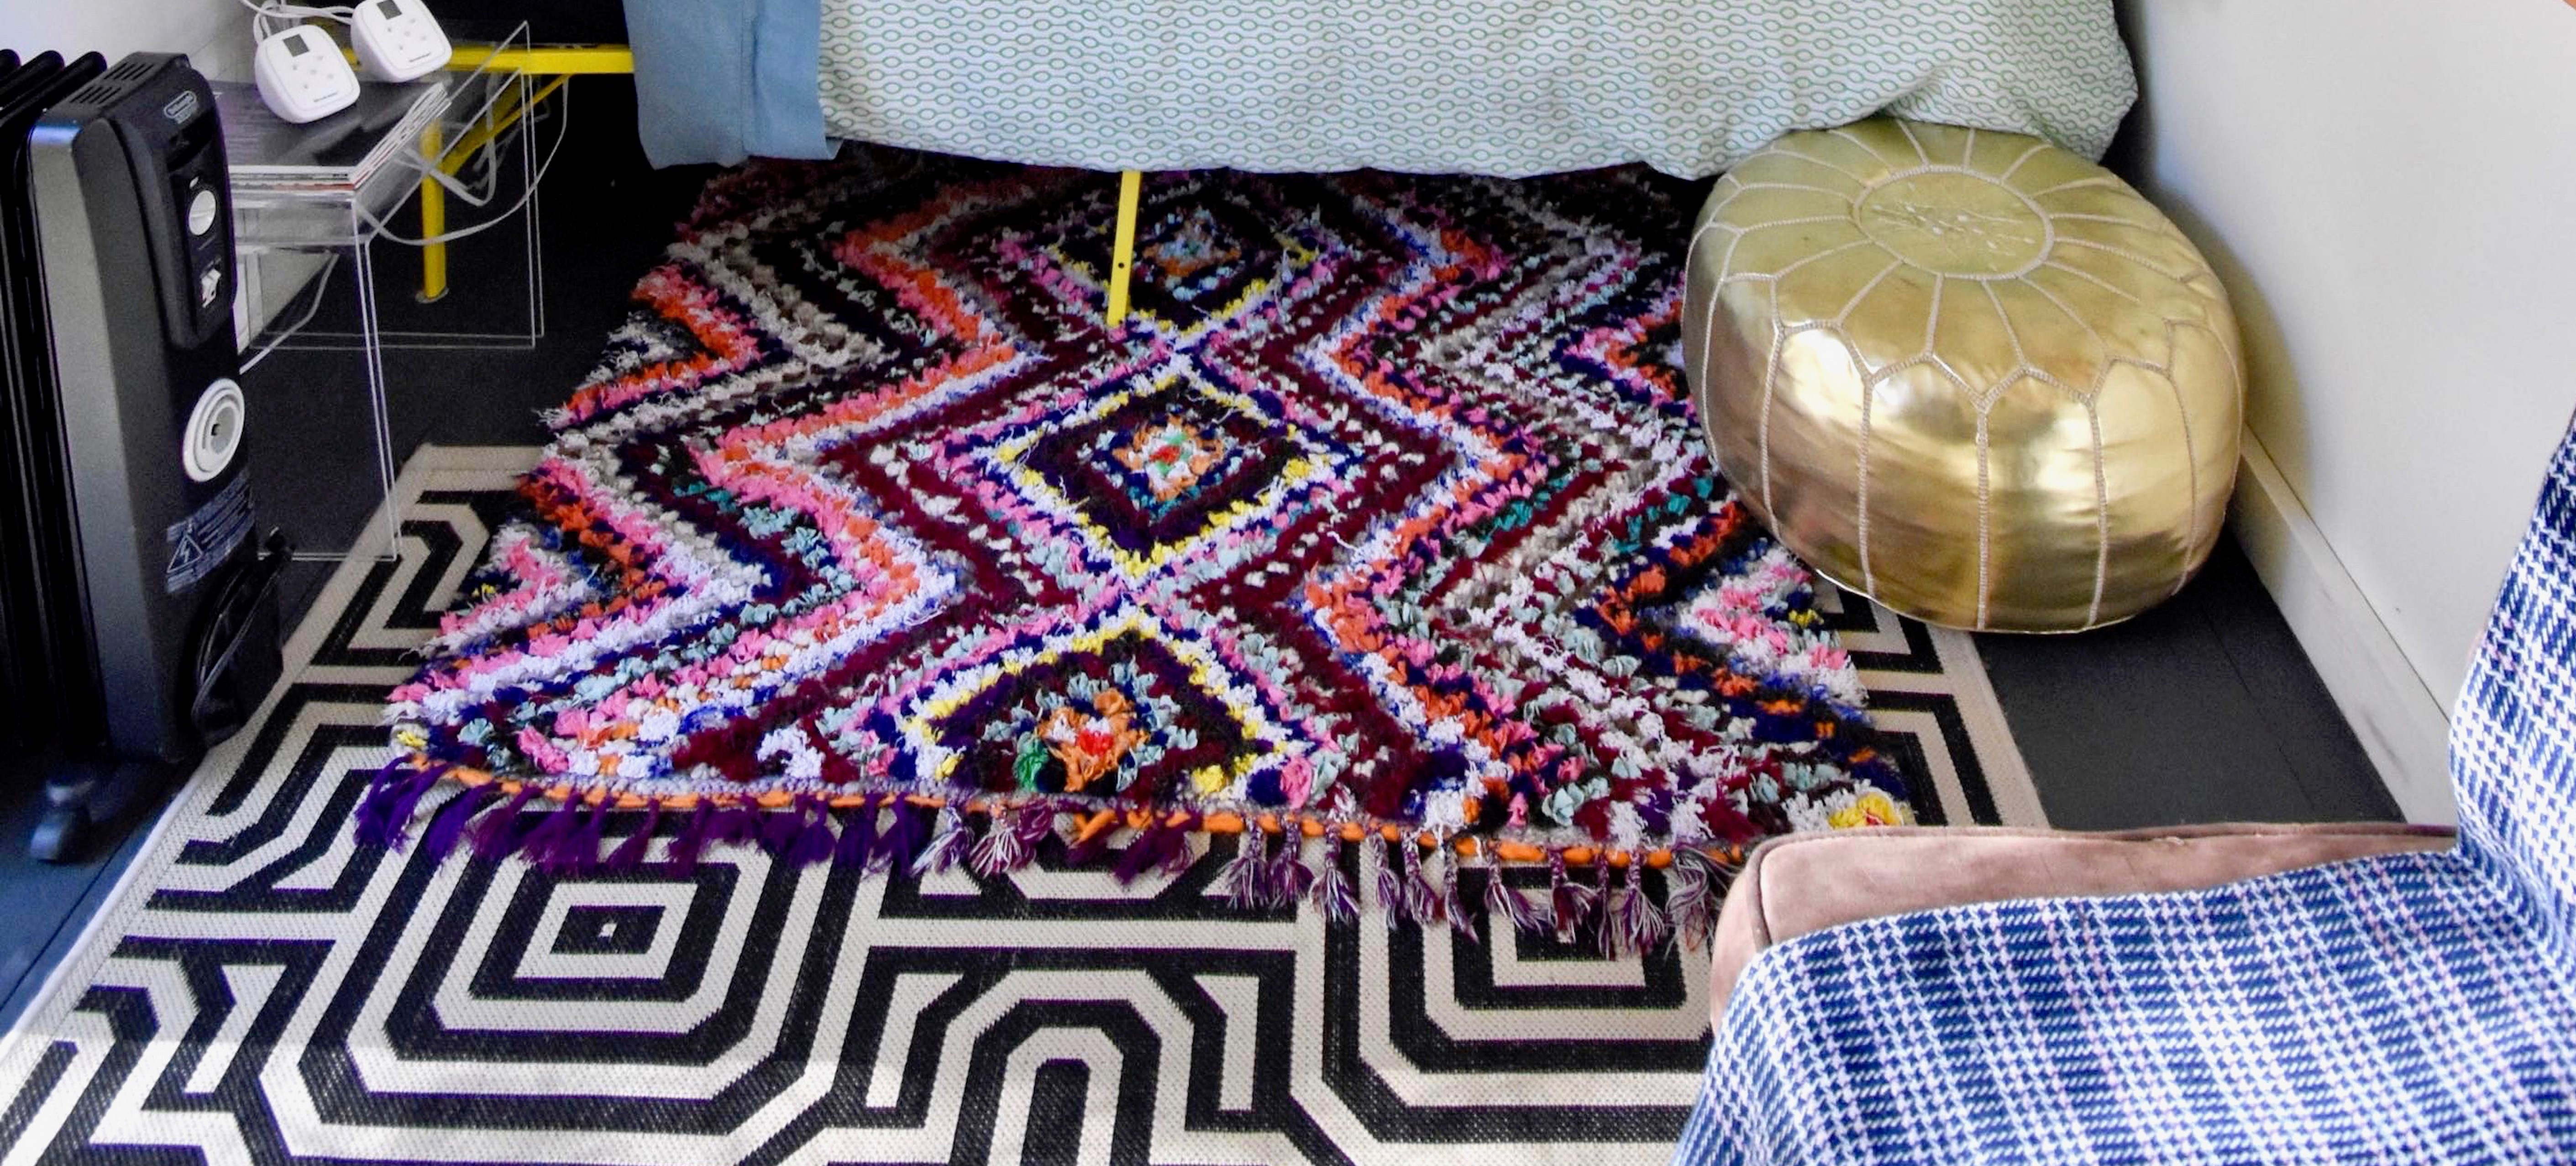 dorm floor banner - andrea-davis-8Xhhyx9L5qk-unsplash